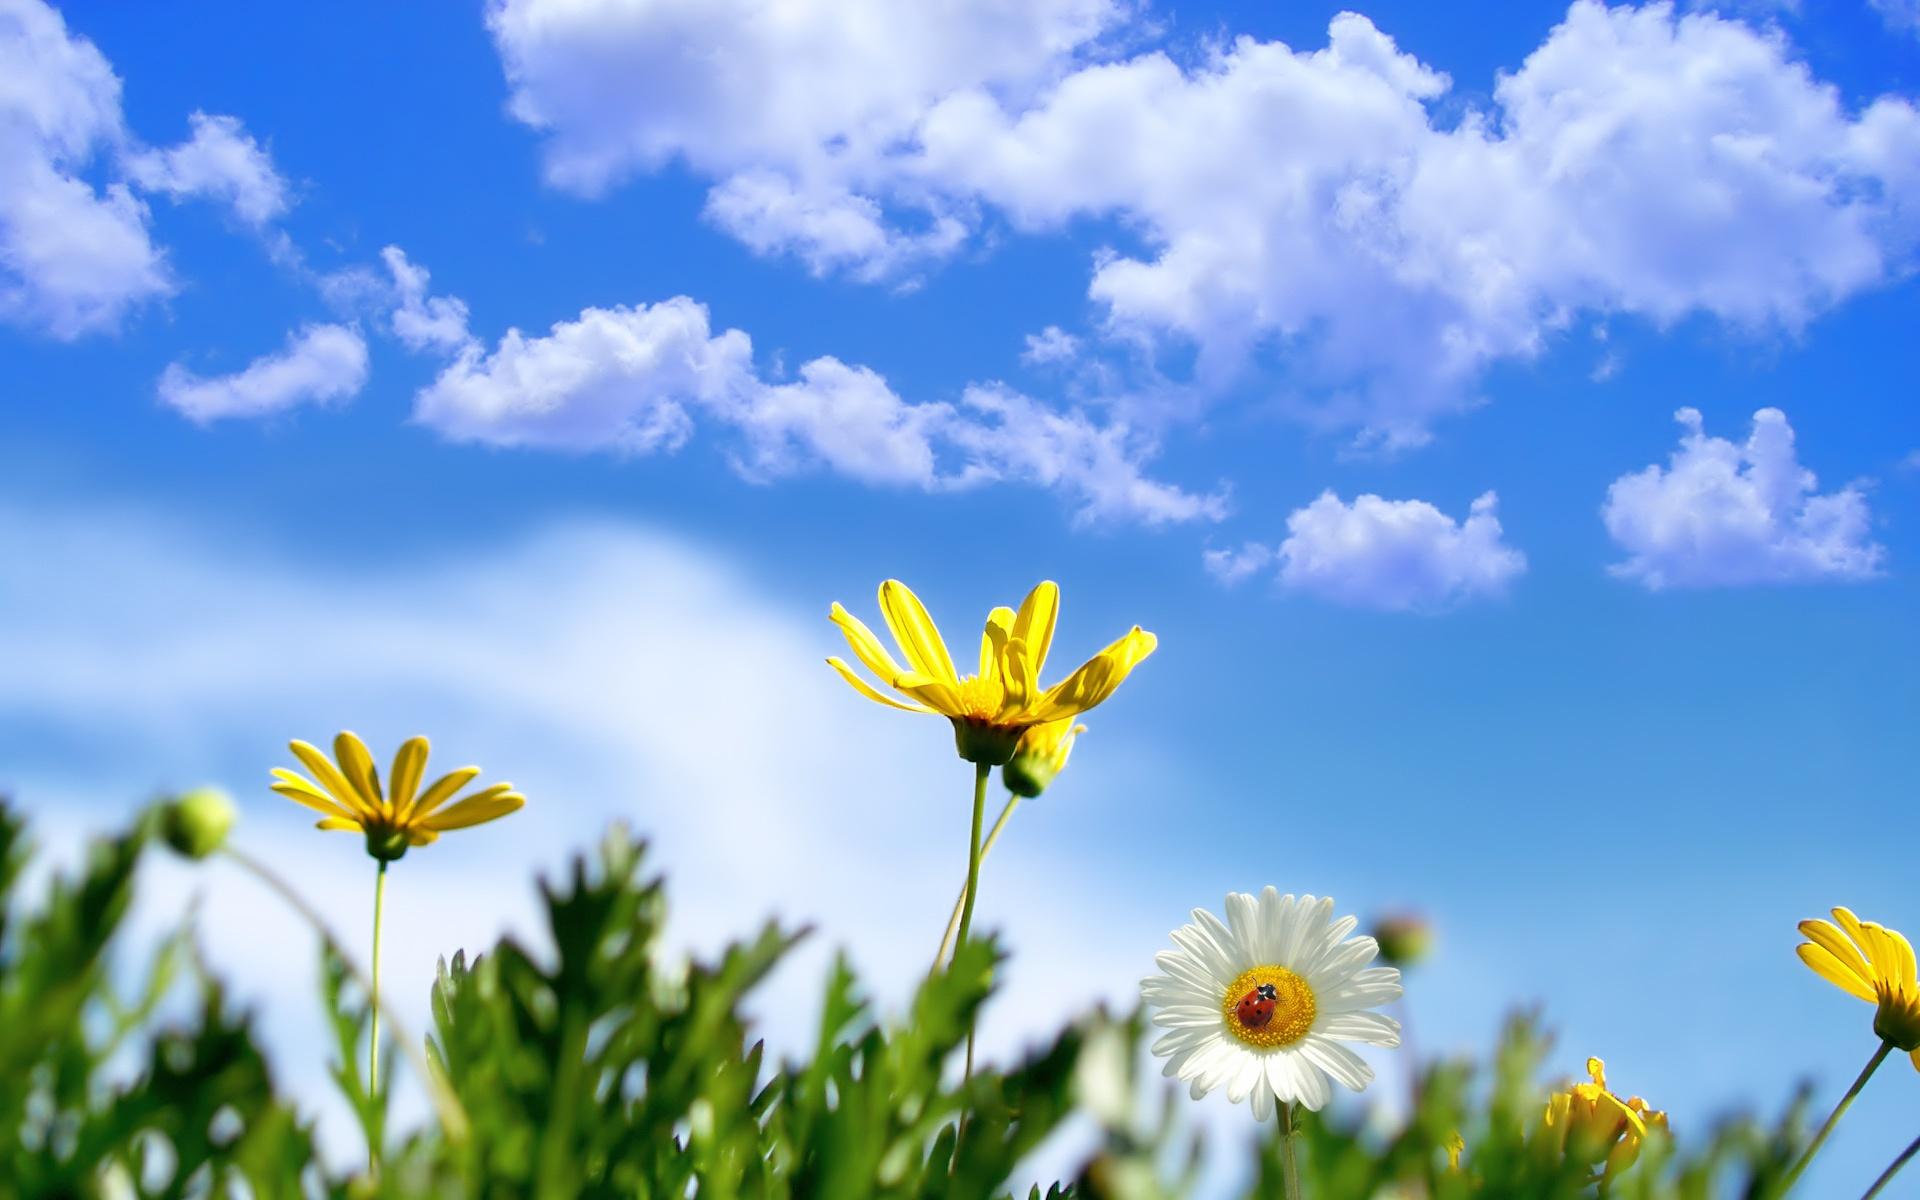 Открытка небо и солнце, лес открытки картинки